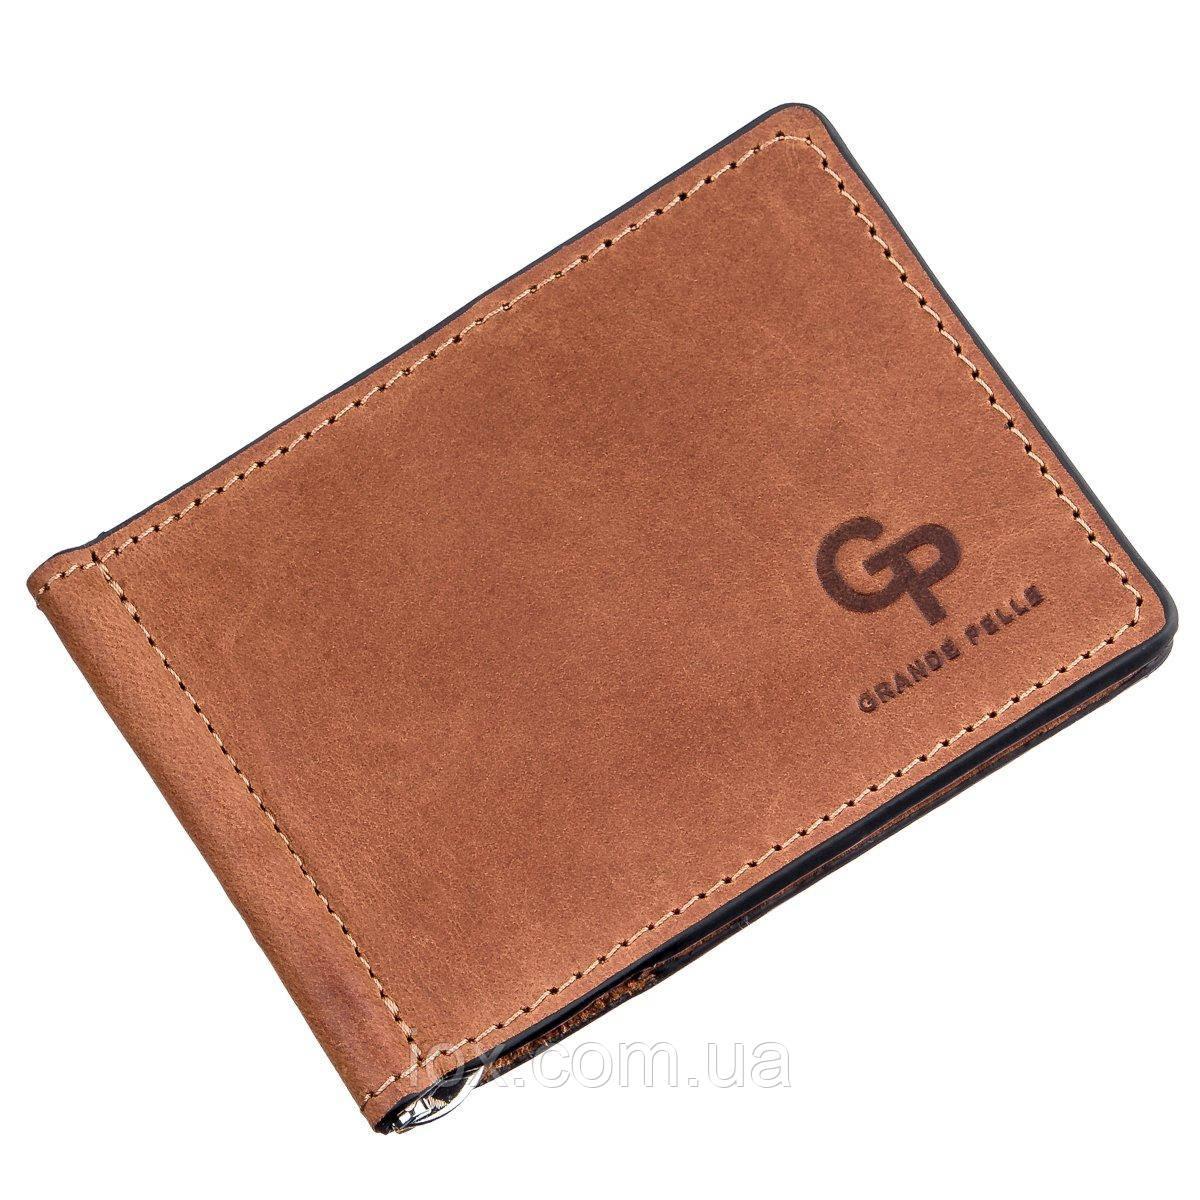 Компактний затиск для грошей на магніті GRANDE PELLE 11242 Рудий